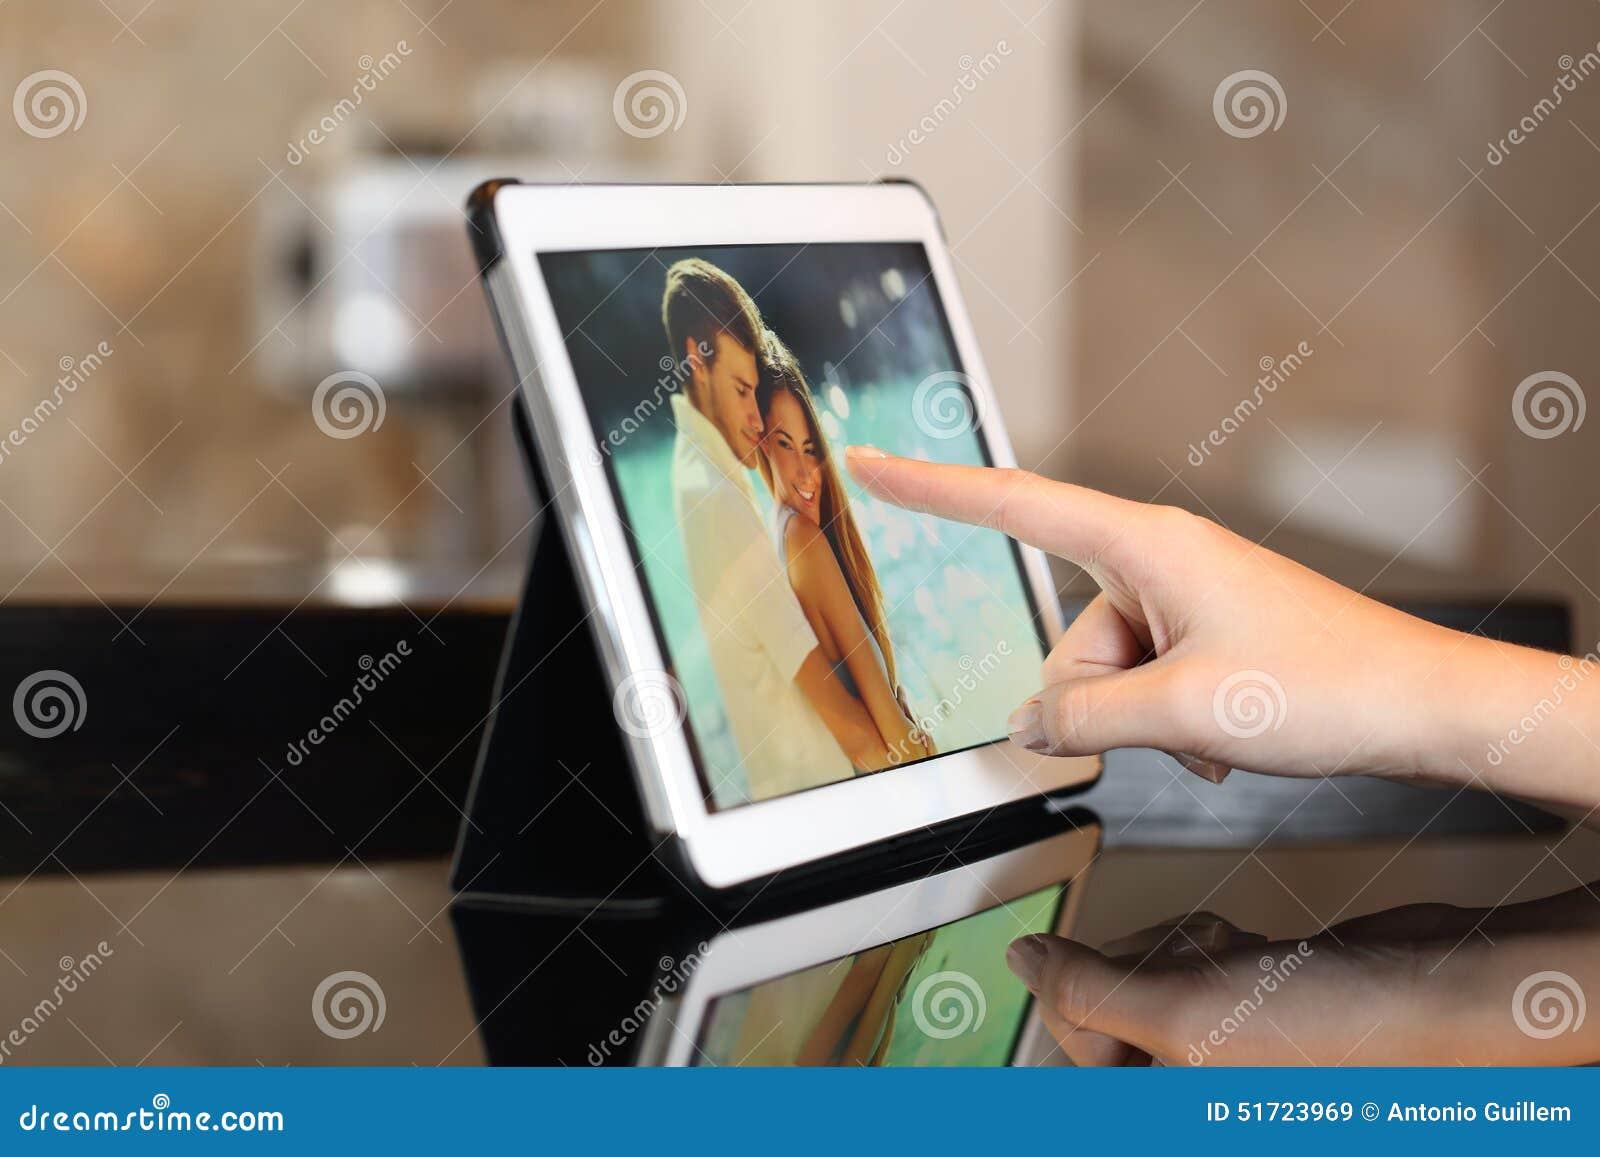 Mano usando las fotos de observación de una tableta en casa